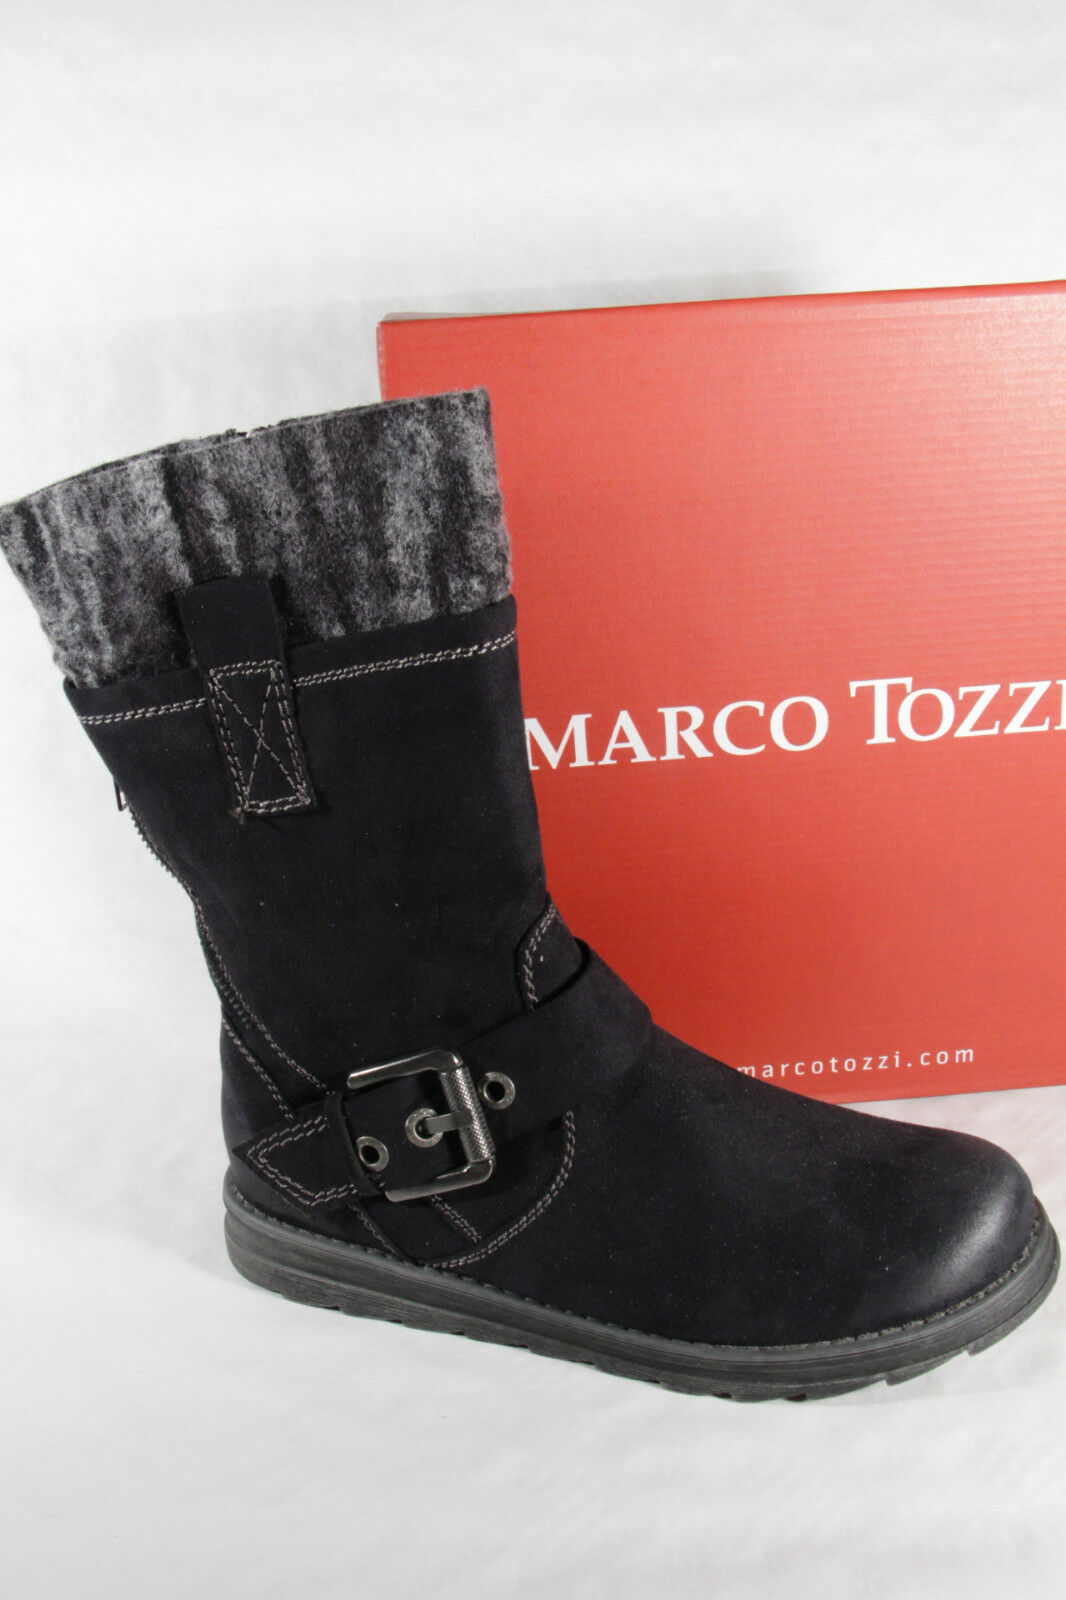 Marco Tozzi schwarz, schwarz, Stiefel Stiefel Winterstiefel schwarz, schwarz, Tozzi ... fce27e